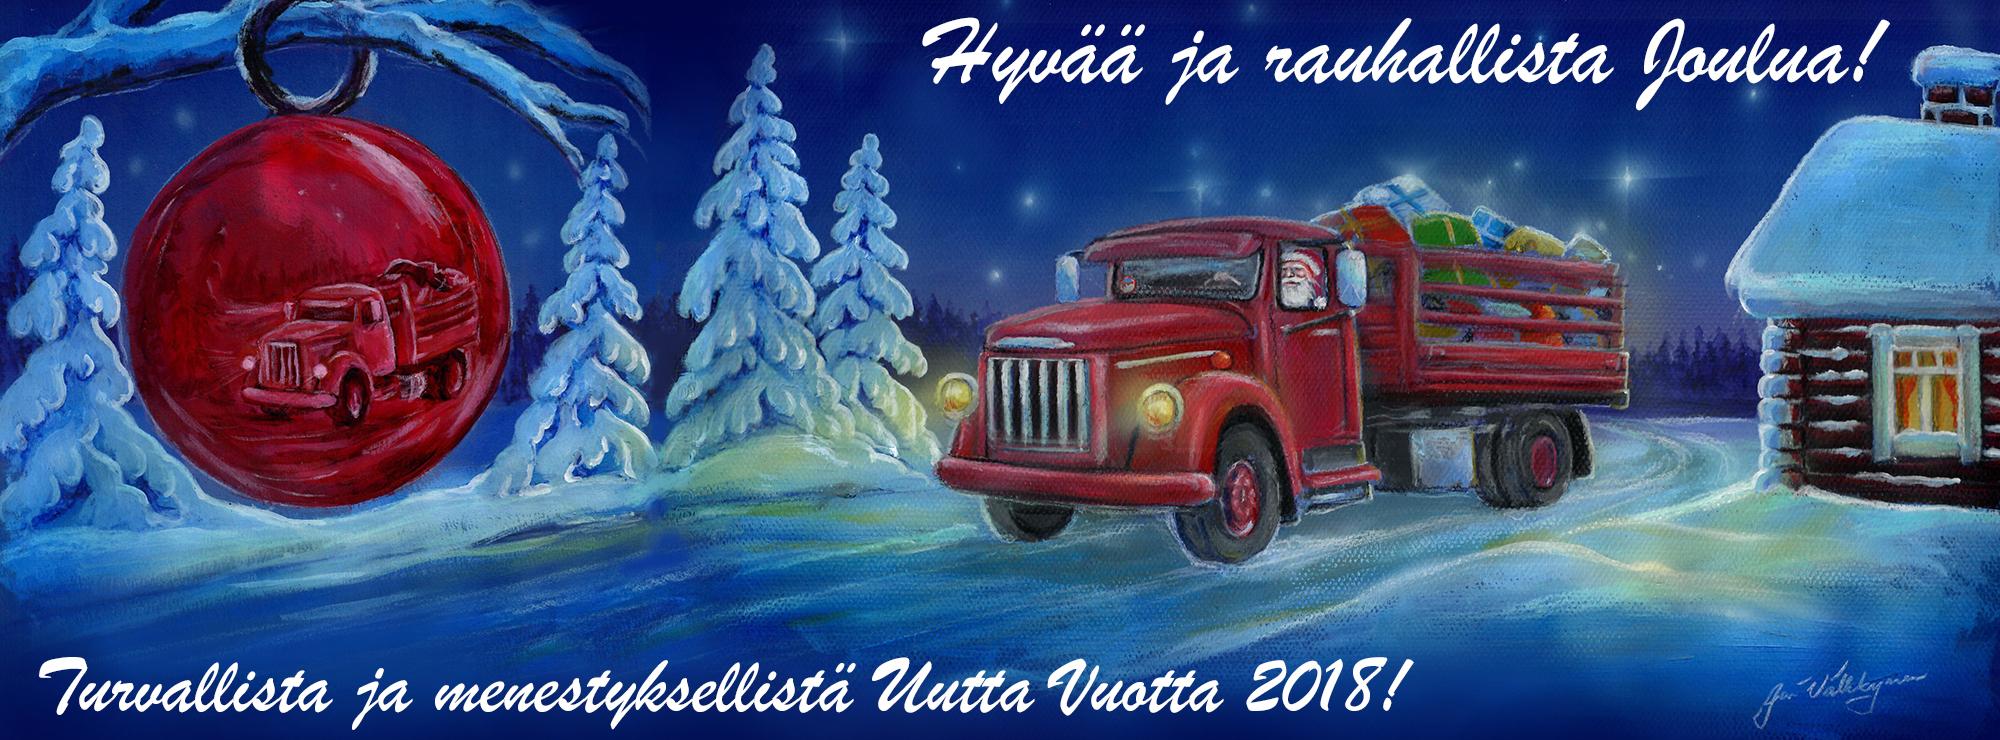 joulu liikenne 2018 Hyvää Joulua ja turvallista Uutta Vuotta 2018!   Rahtarit ry joulu liikenne 2018